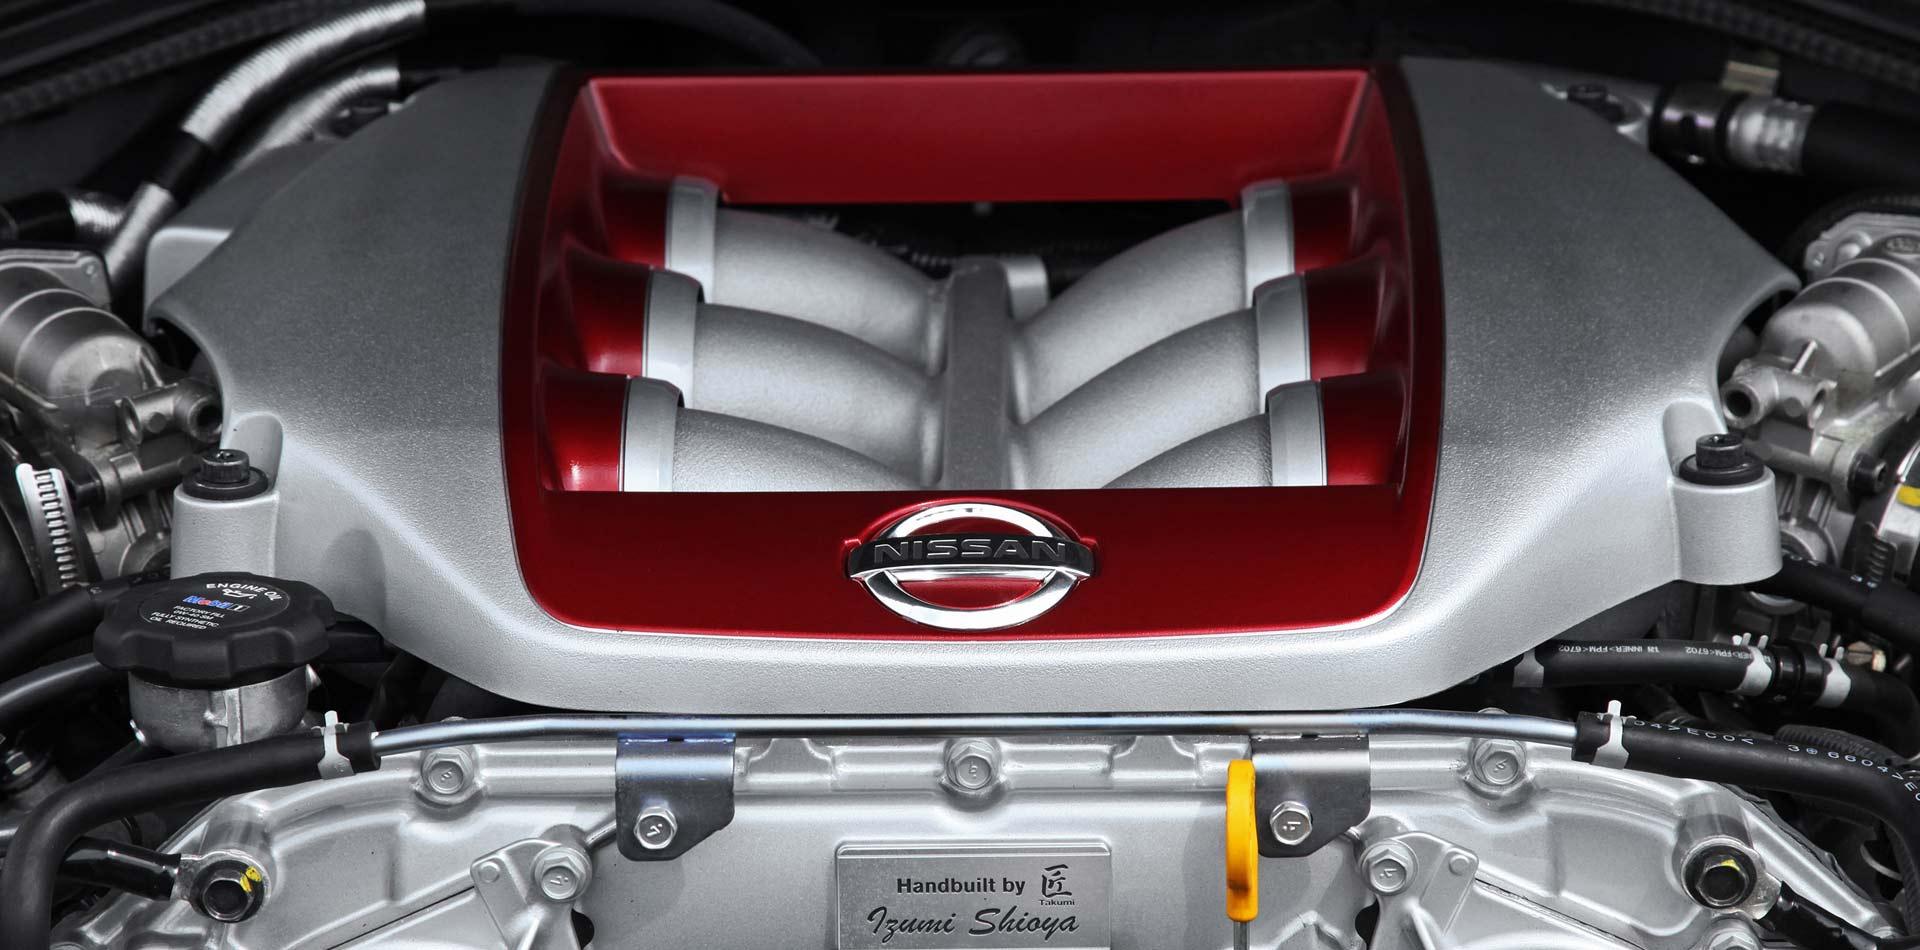 LEISTUNGSSTEIGERUNG FÜR Nissan GTR / STAGE I, II, III, IV, V